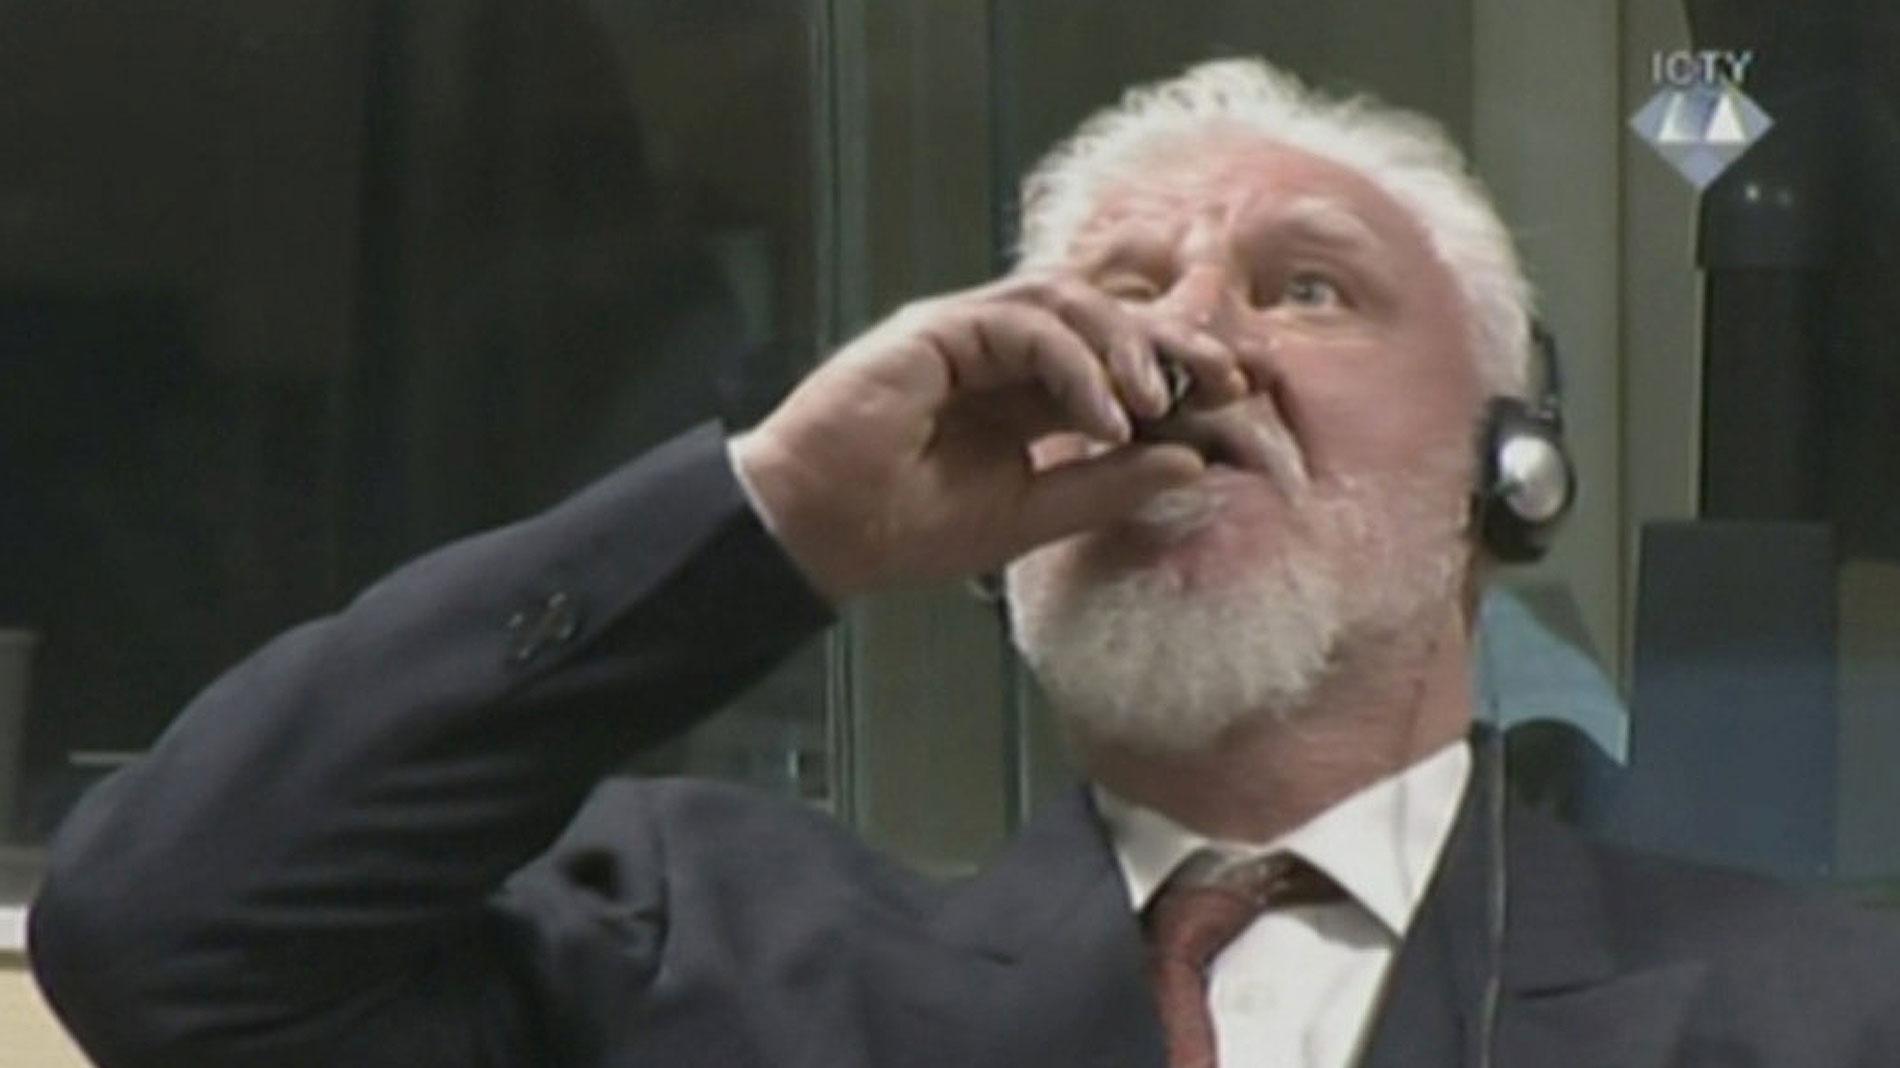 Ir al VideoMuere un criminal de guerra tras tomar veneno durante su juicio en La Haya